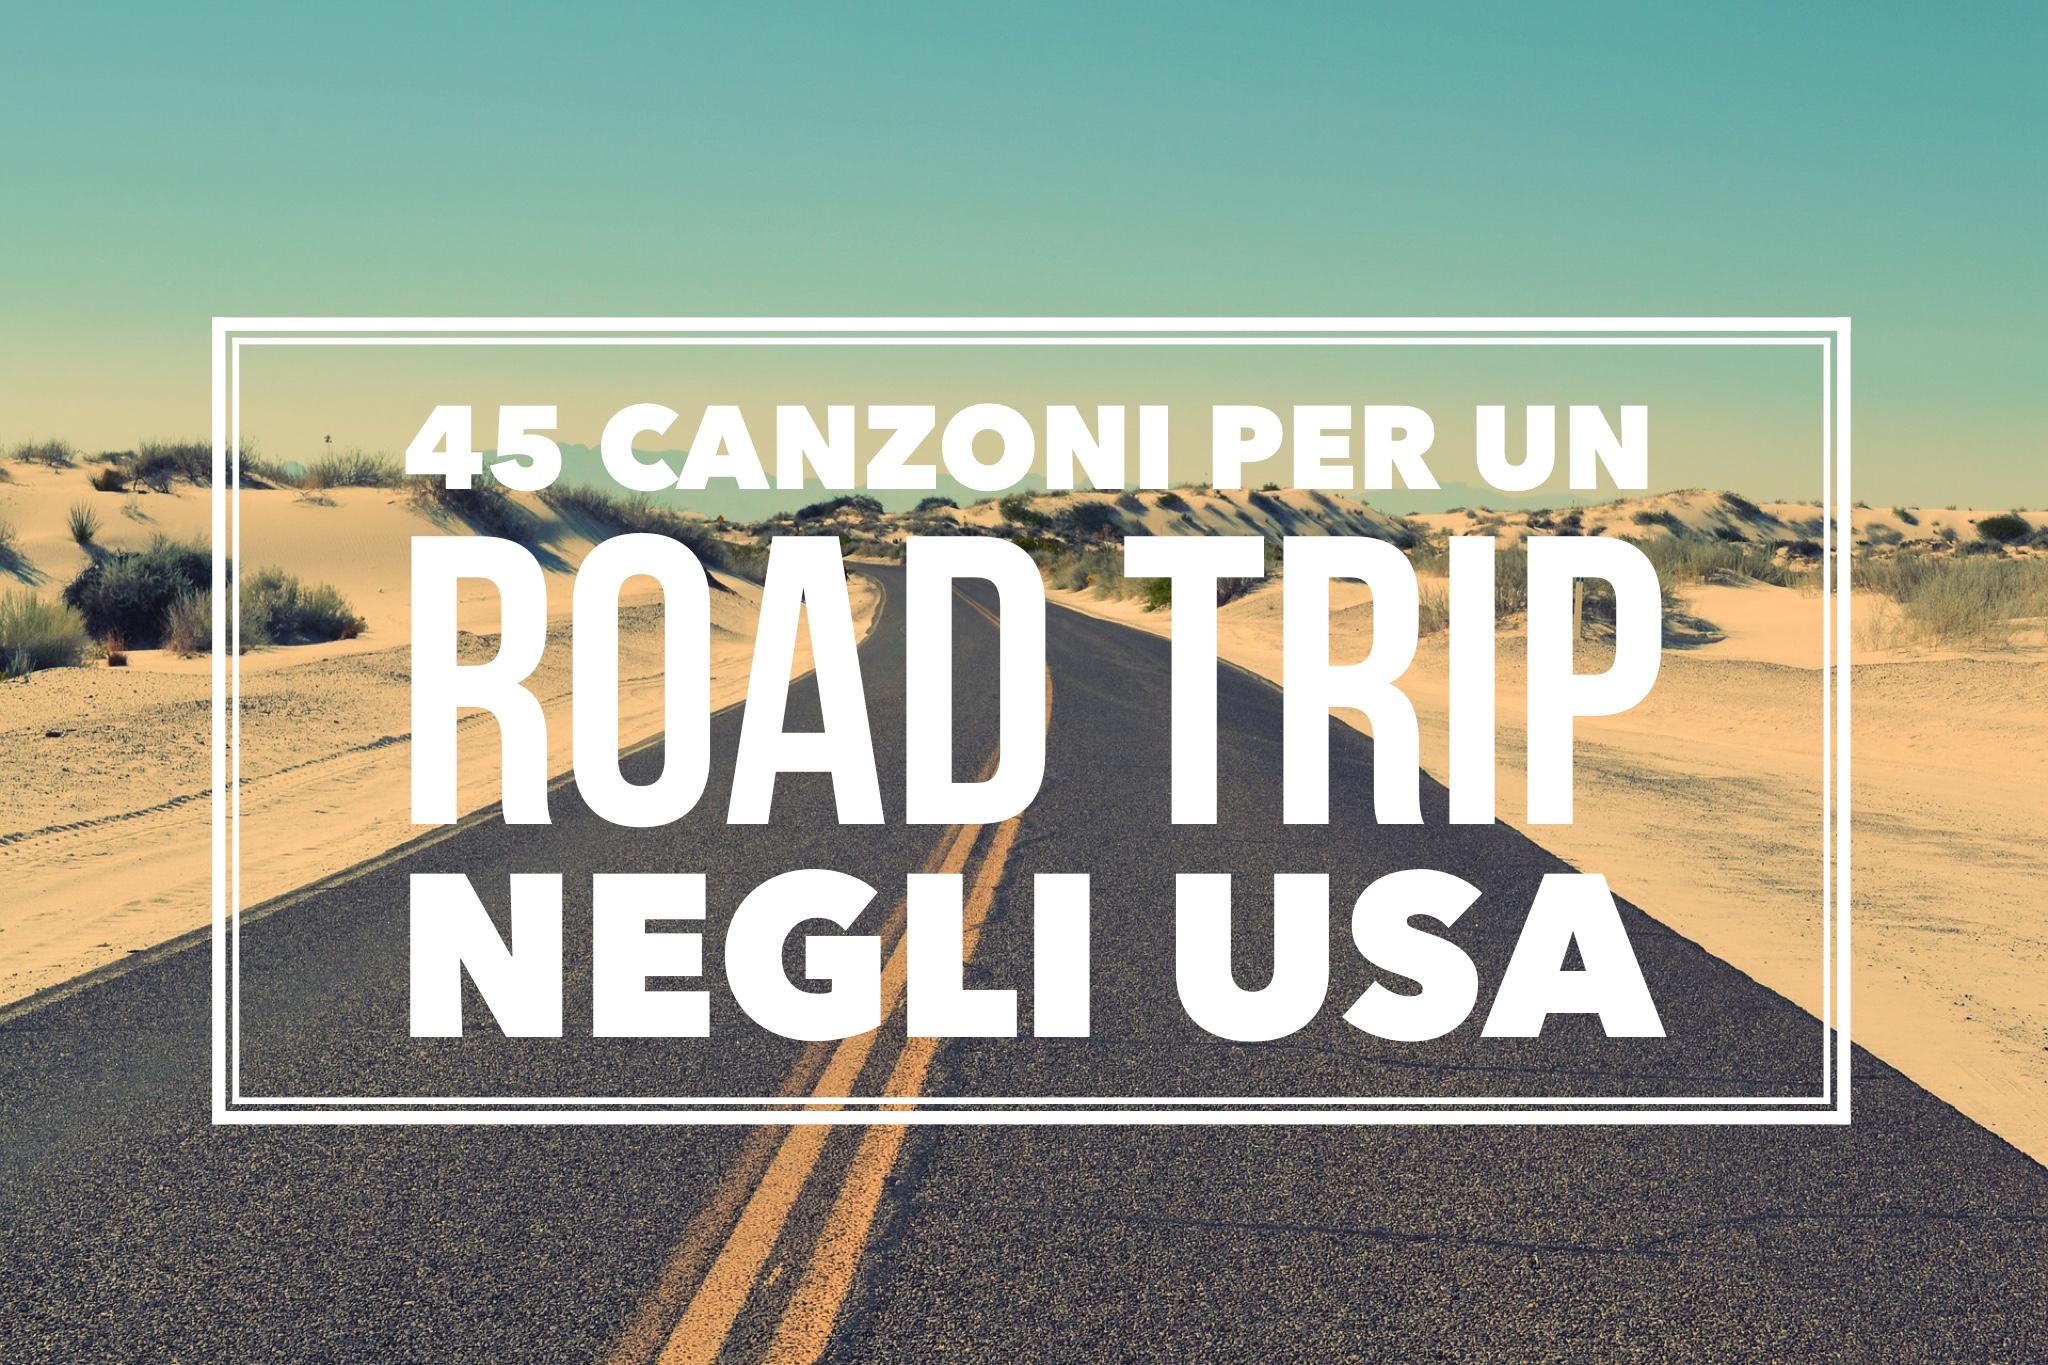 45 canzoni per un viaggio on the road negli USA 4